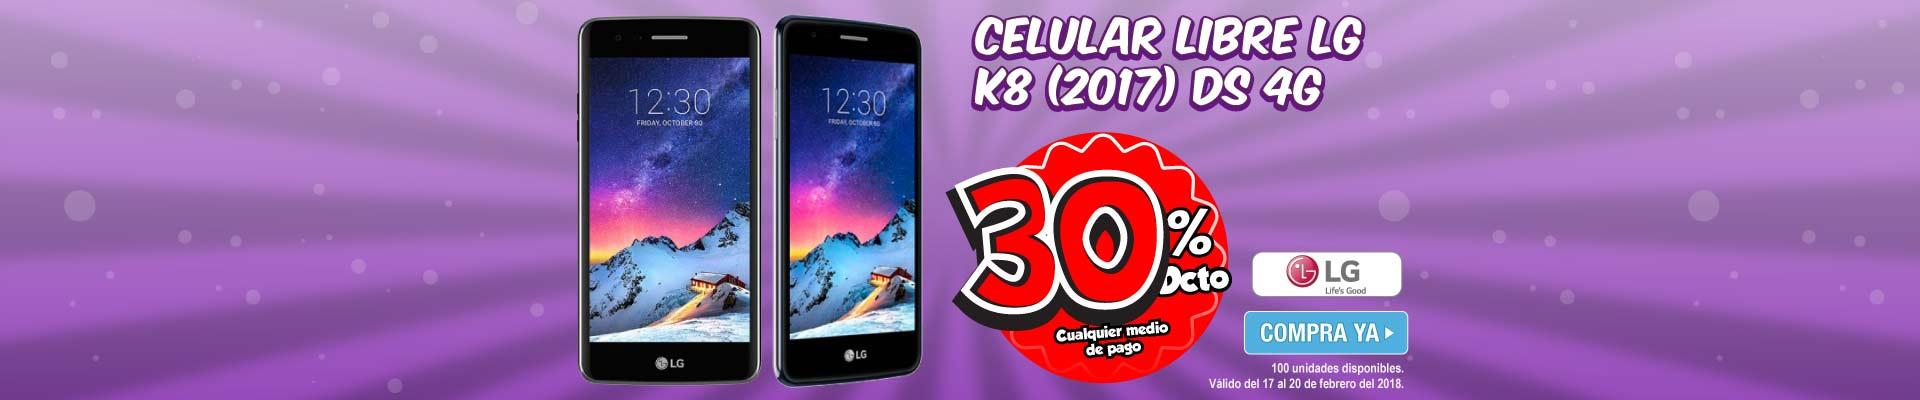 PPAL ALKP-3-celulares-Celular Libre LG K8 (2017) DS 4G-prod-Febrero17-20